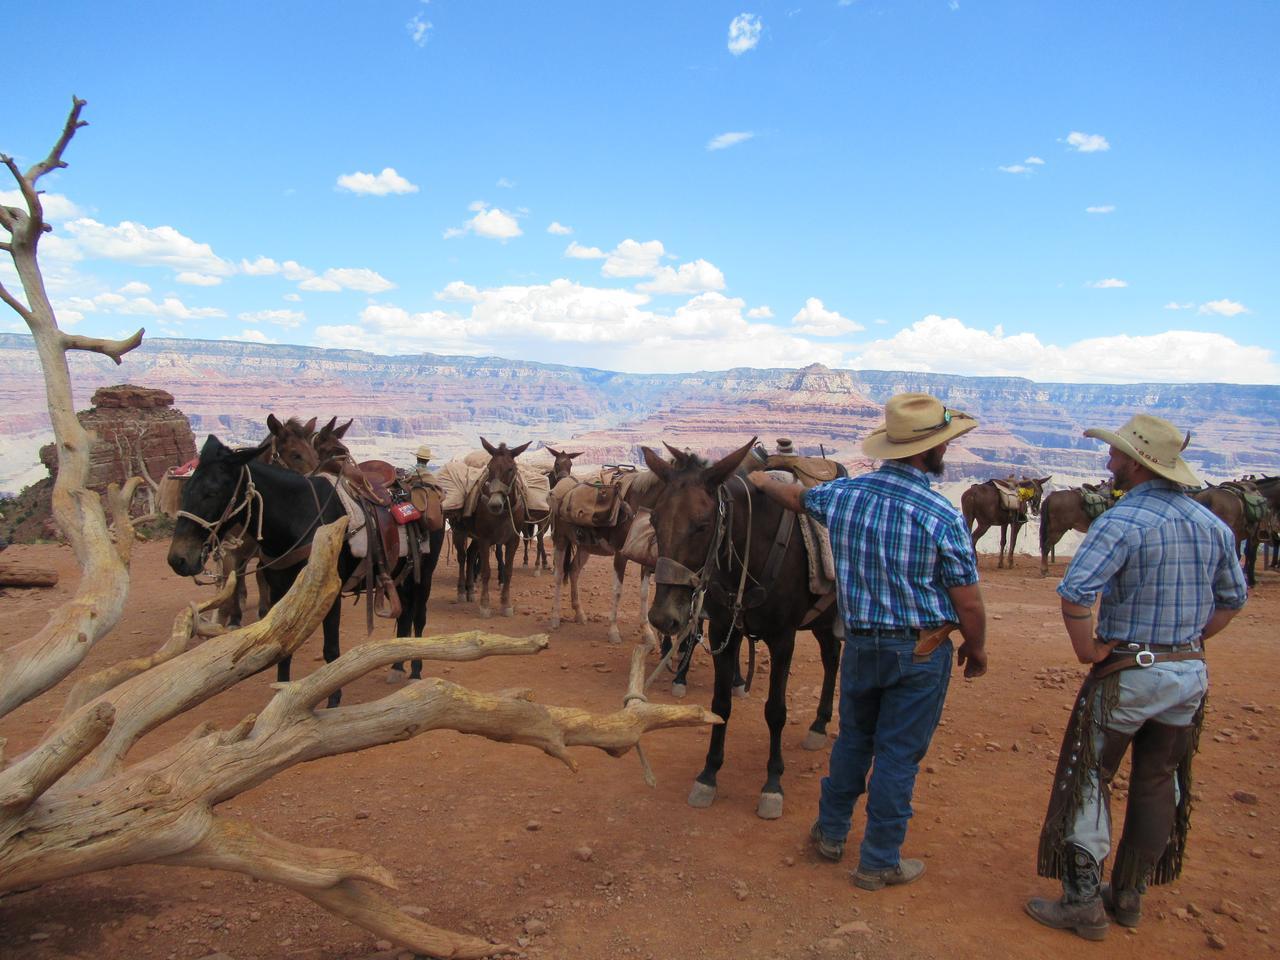 画像: ハイキング中の風景―ミュール(馬とロバのハーフの動物)が荷物を運んでました